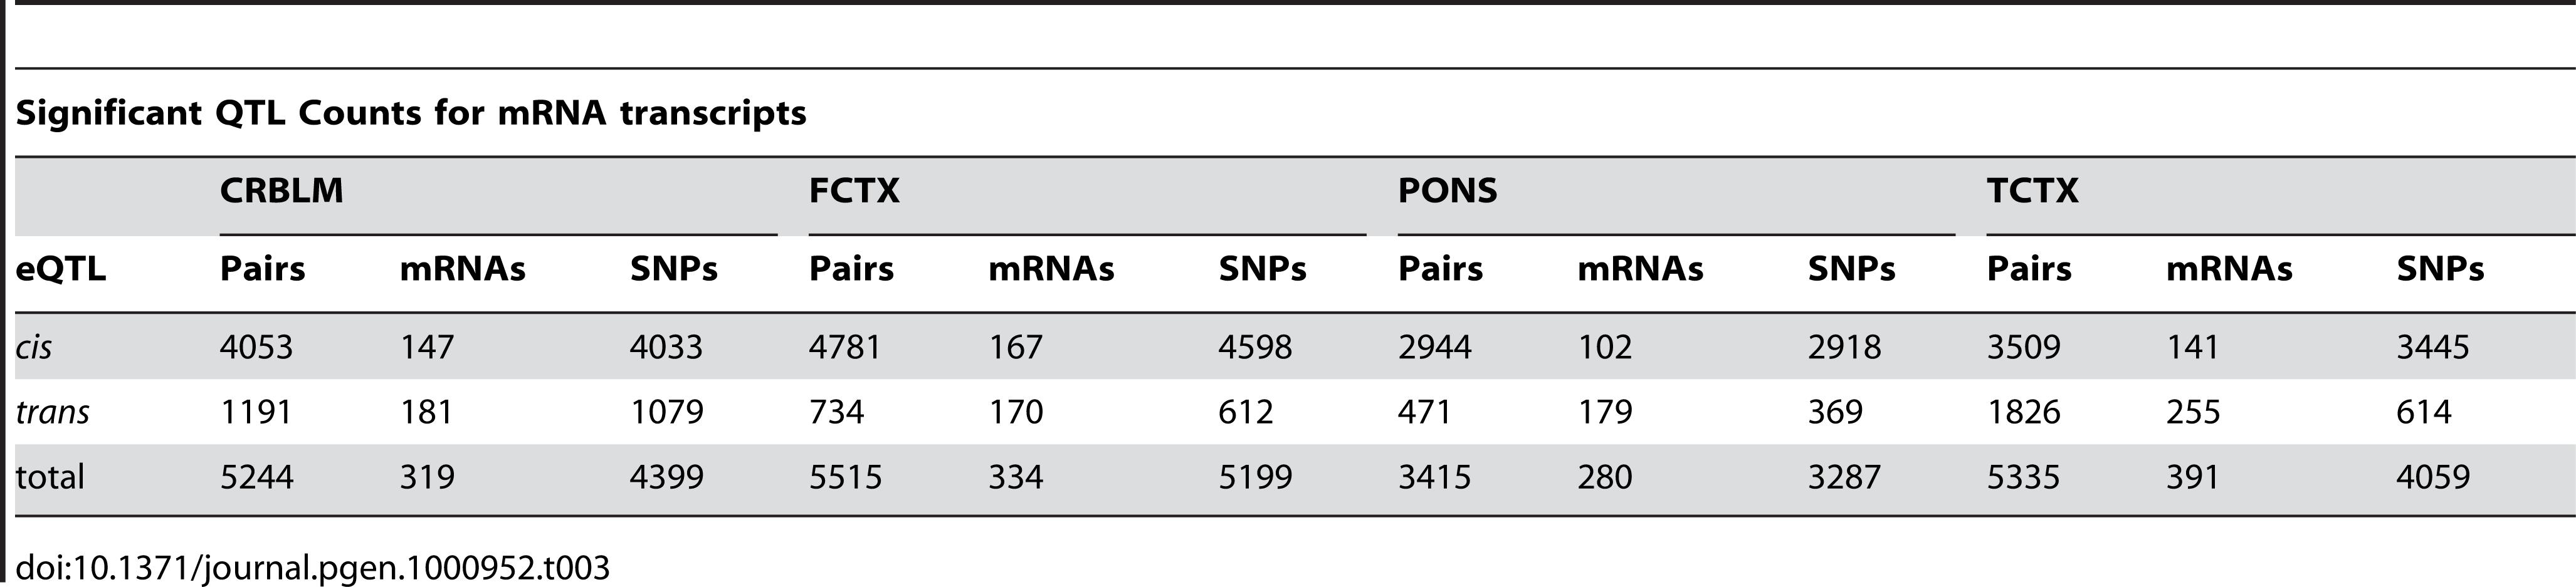 Summary counts of significant eQTL results (mRNA) found per brain tissue.